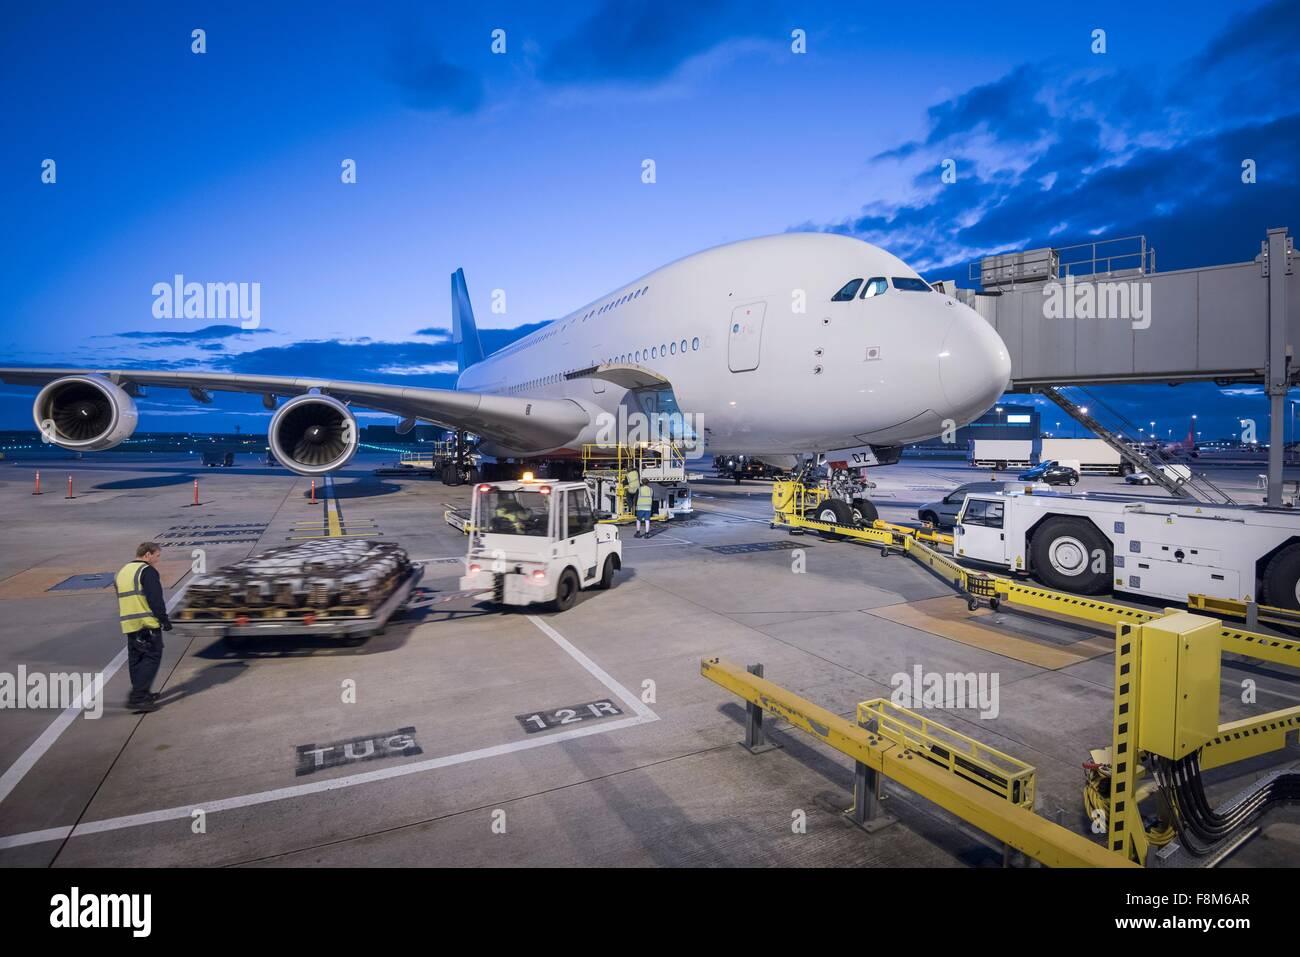 Personale di terra collegare tug per velivoli A380 su supporto al crepuscolo in aeroporto Immagini Stock